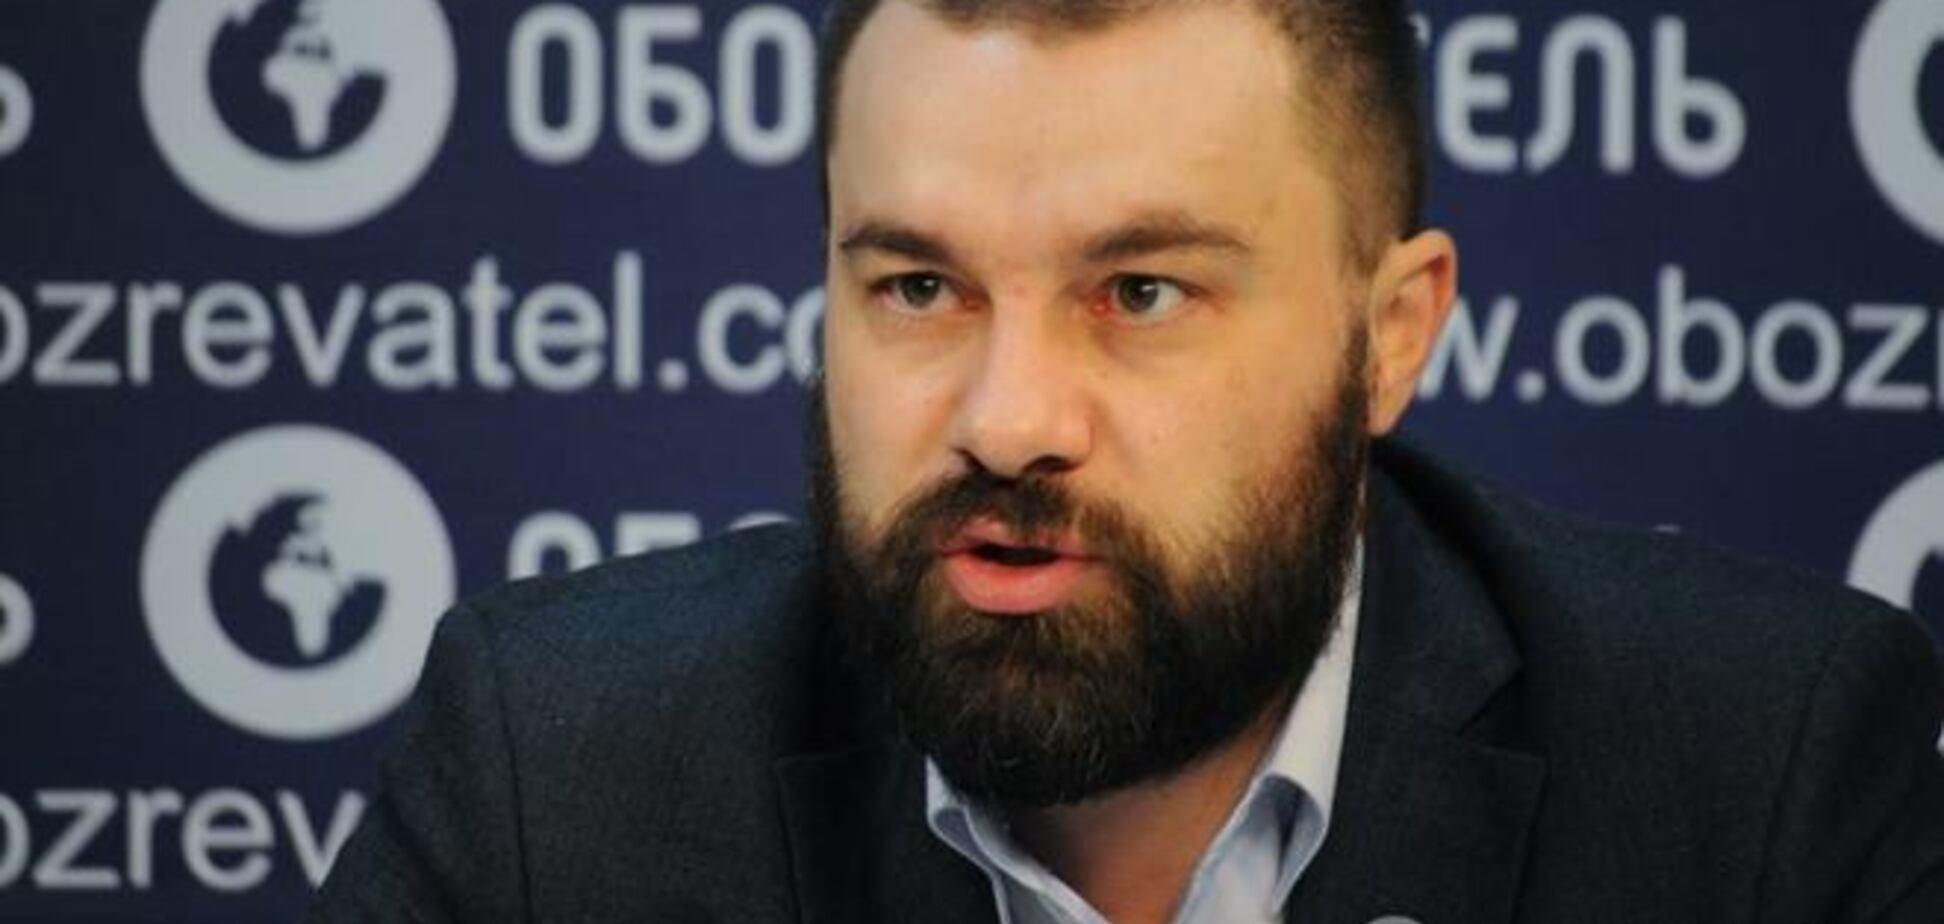 Экс-кадровик 'Донбасса': Семенченко предал людей, которых отправил в зону АТО